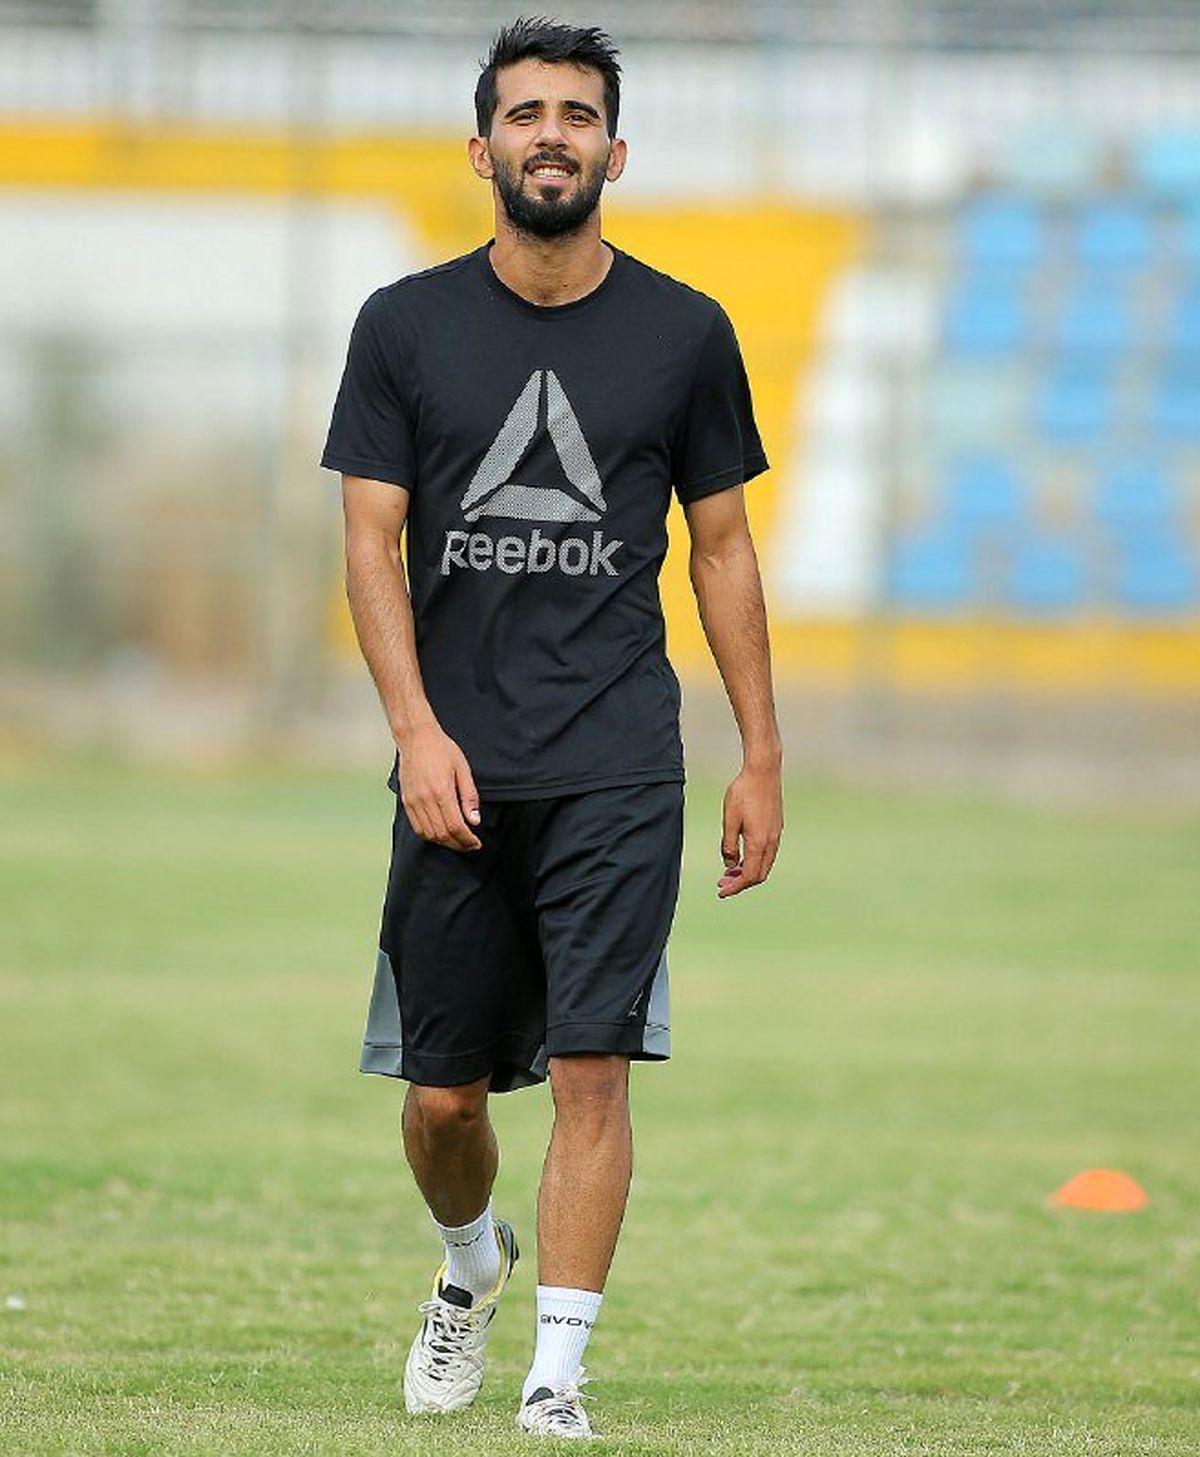 غیبت هافبک تیم پرسپولیس برای تمرین در تیم عراقی+جزئیات